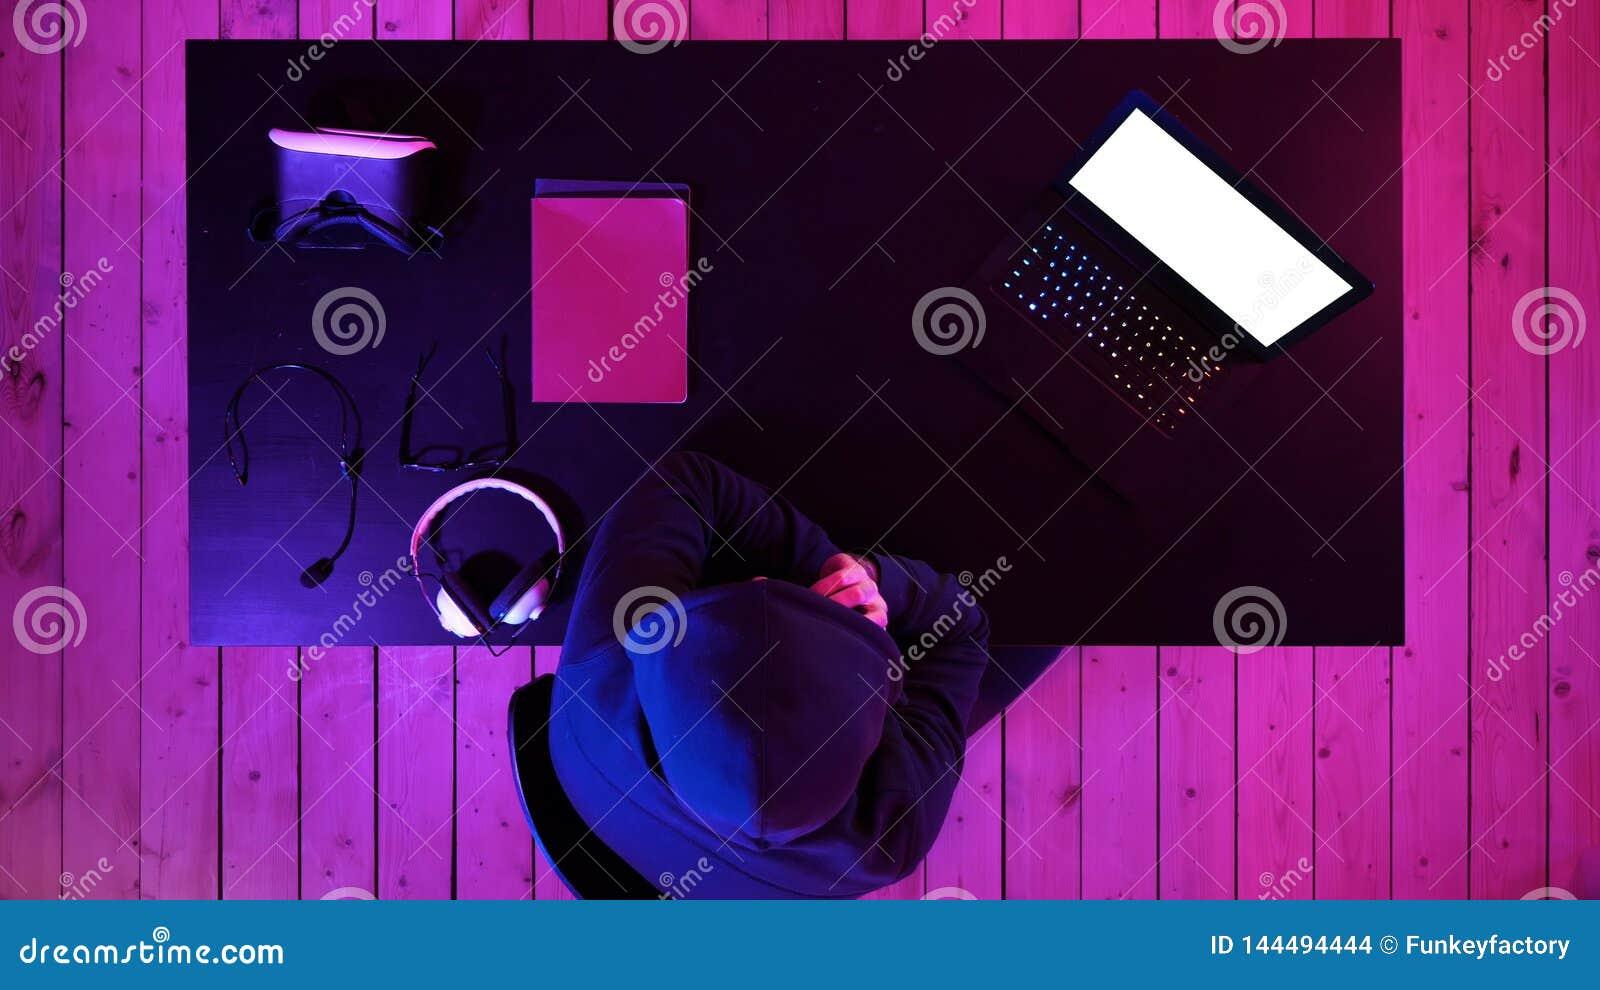 Хакер используя мобильный смартфон вызывая для жертвы и крадя персональную информацию через данные scamming